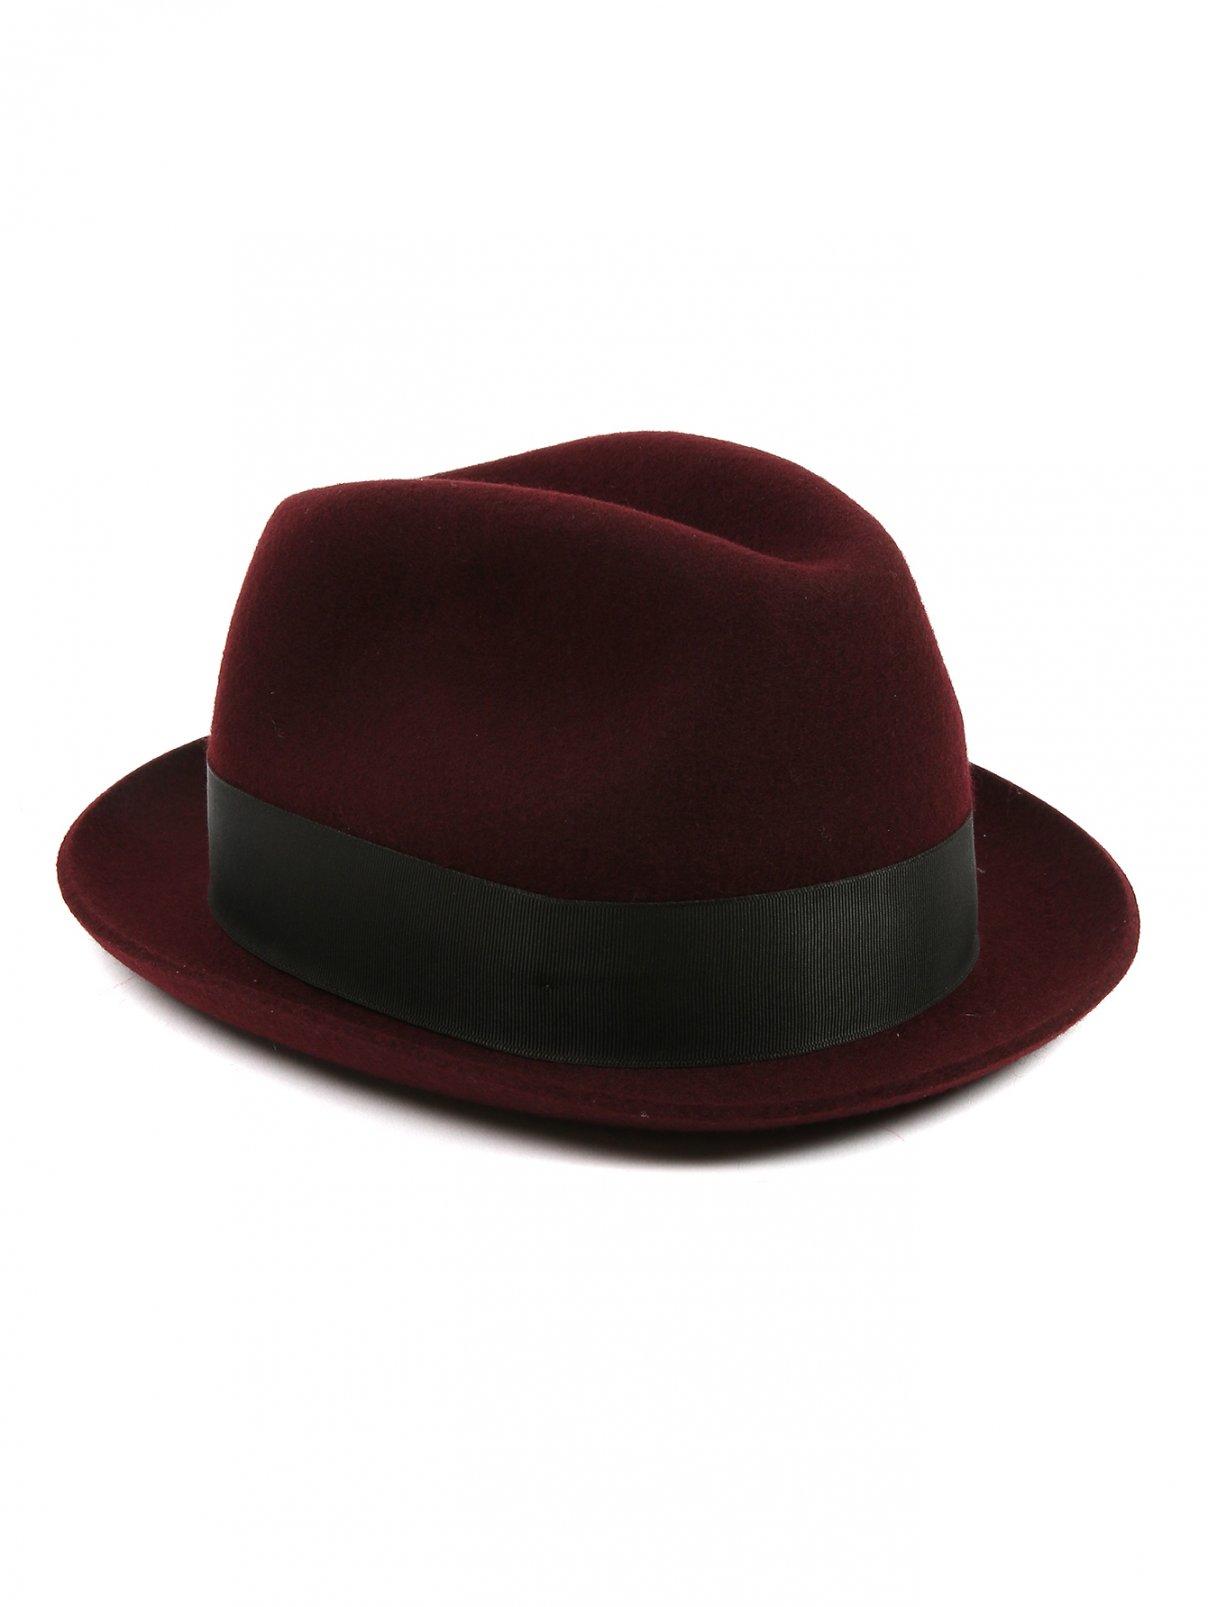 Шляпа из шерсти с контрастной вставкой Paul Smith  –  Общий вид  – Цвет:  Красный